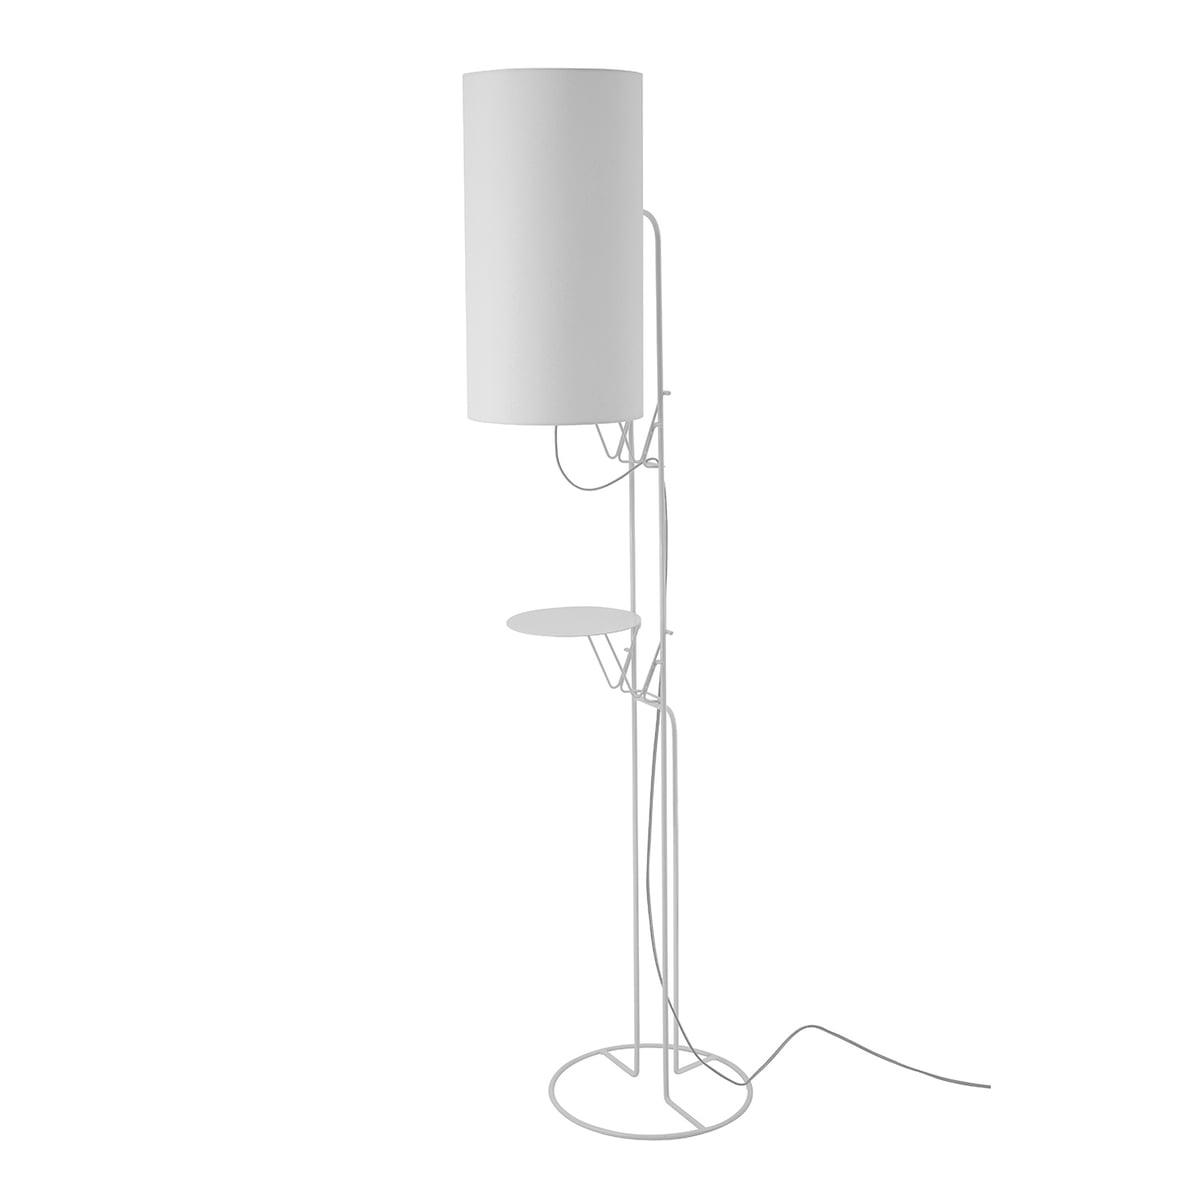 Auslaufartikel: frauMaier - Naomi Stehleuchte, LED-Dimmer, weiß (RAL 9016) | Baumarkt > Elektroinstallation > Dimmer | fraumaier